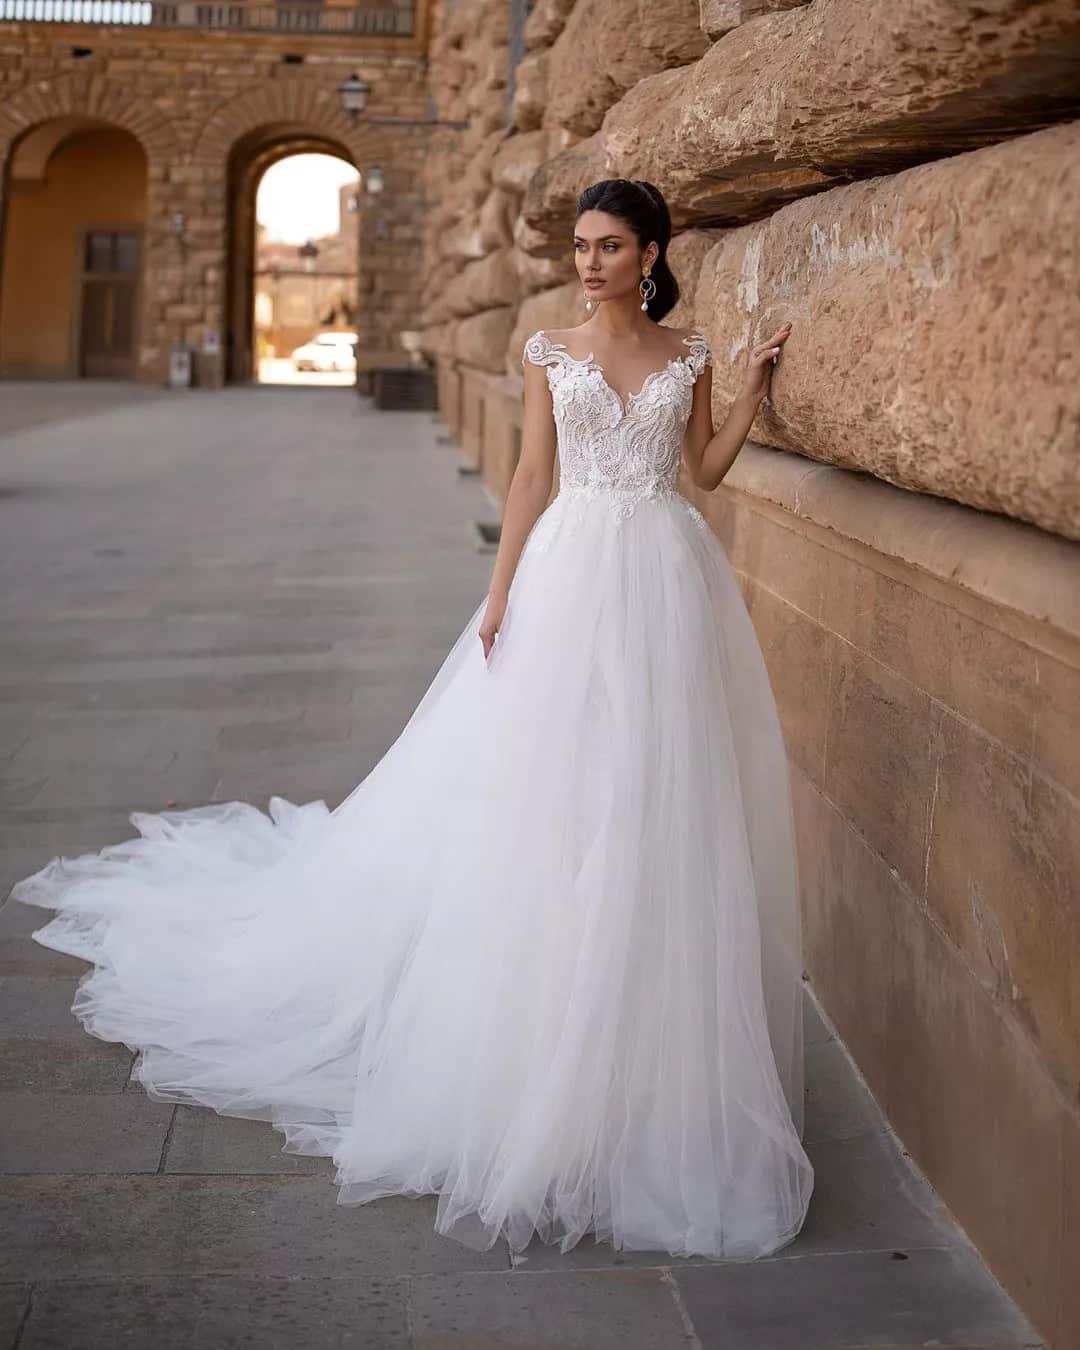 Esküvő szervezése - Milla Nova